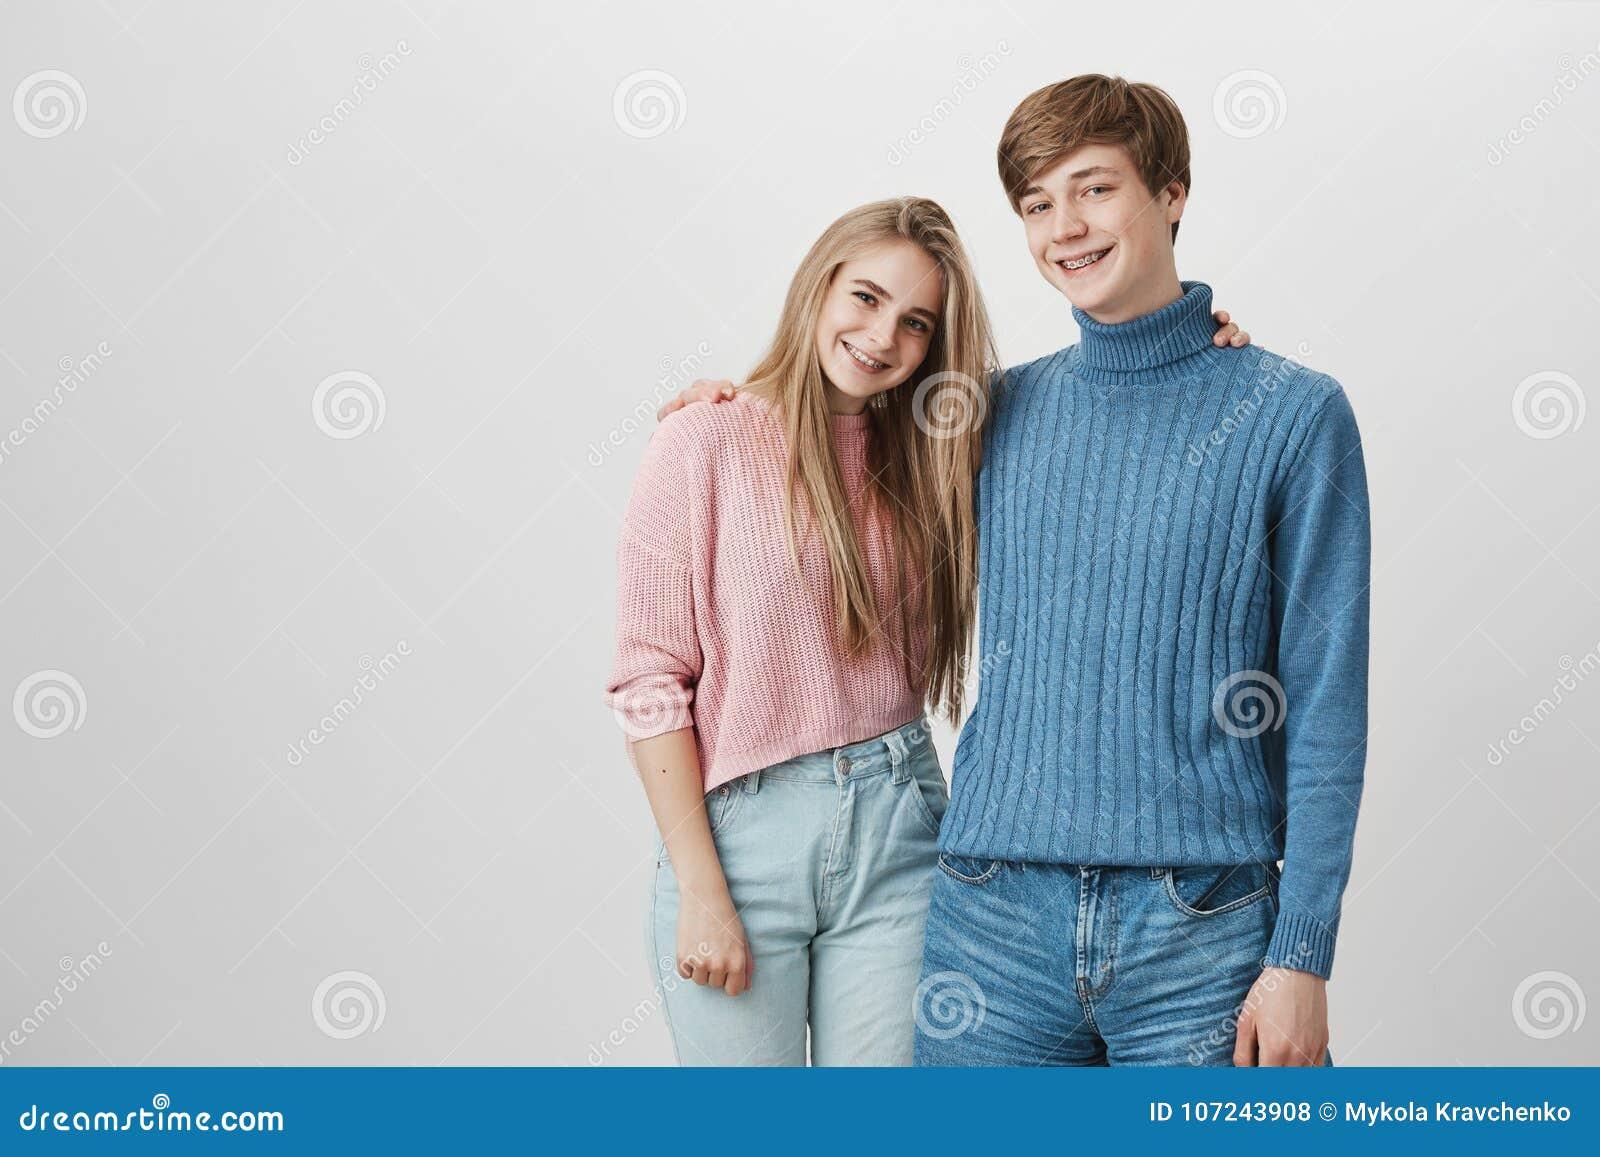 人们、关系、休闲和生活方式 享受业余时间的迷人的年轻行家夫妇,看起来愉快和